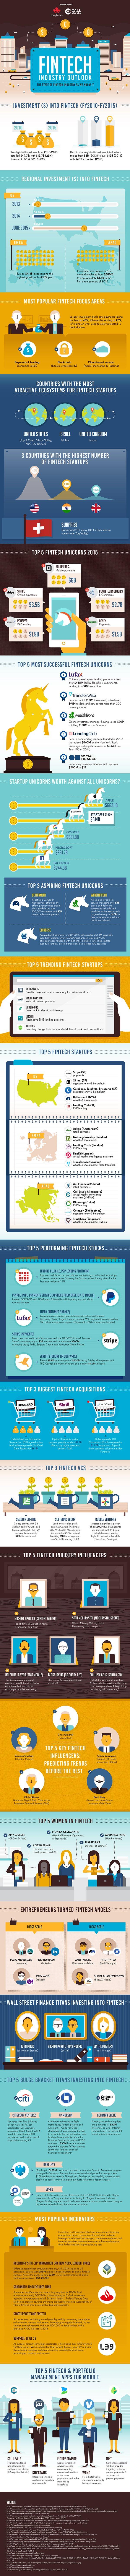 Infographic FinTech